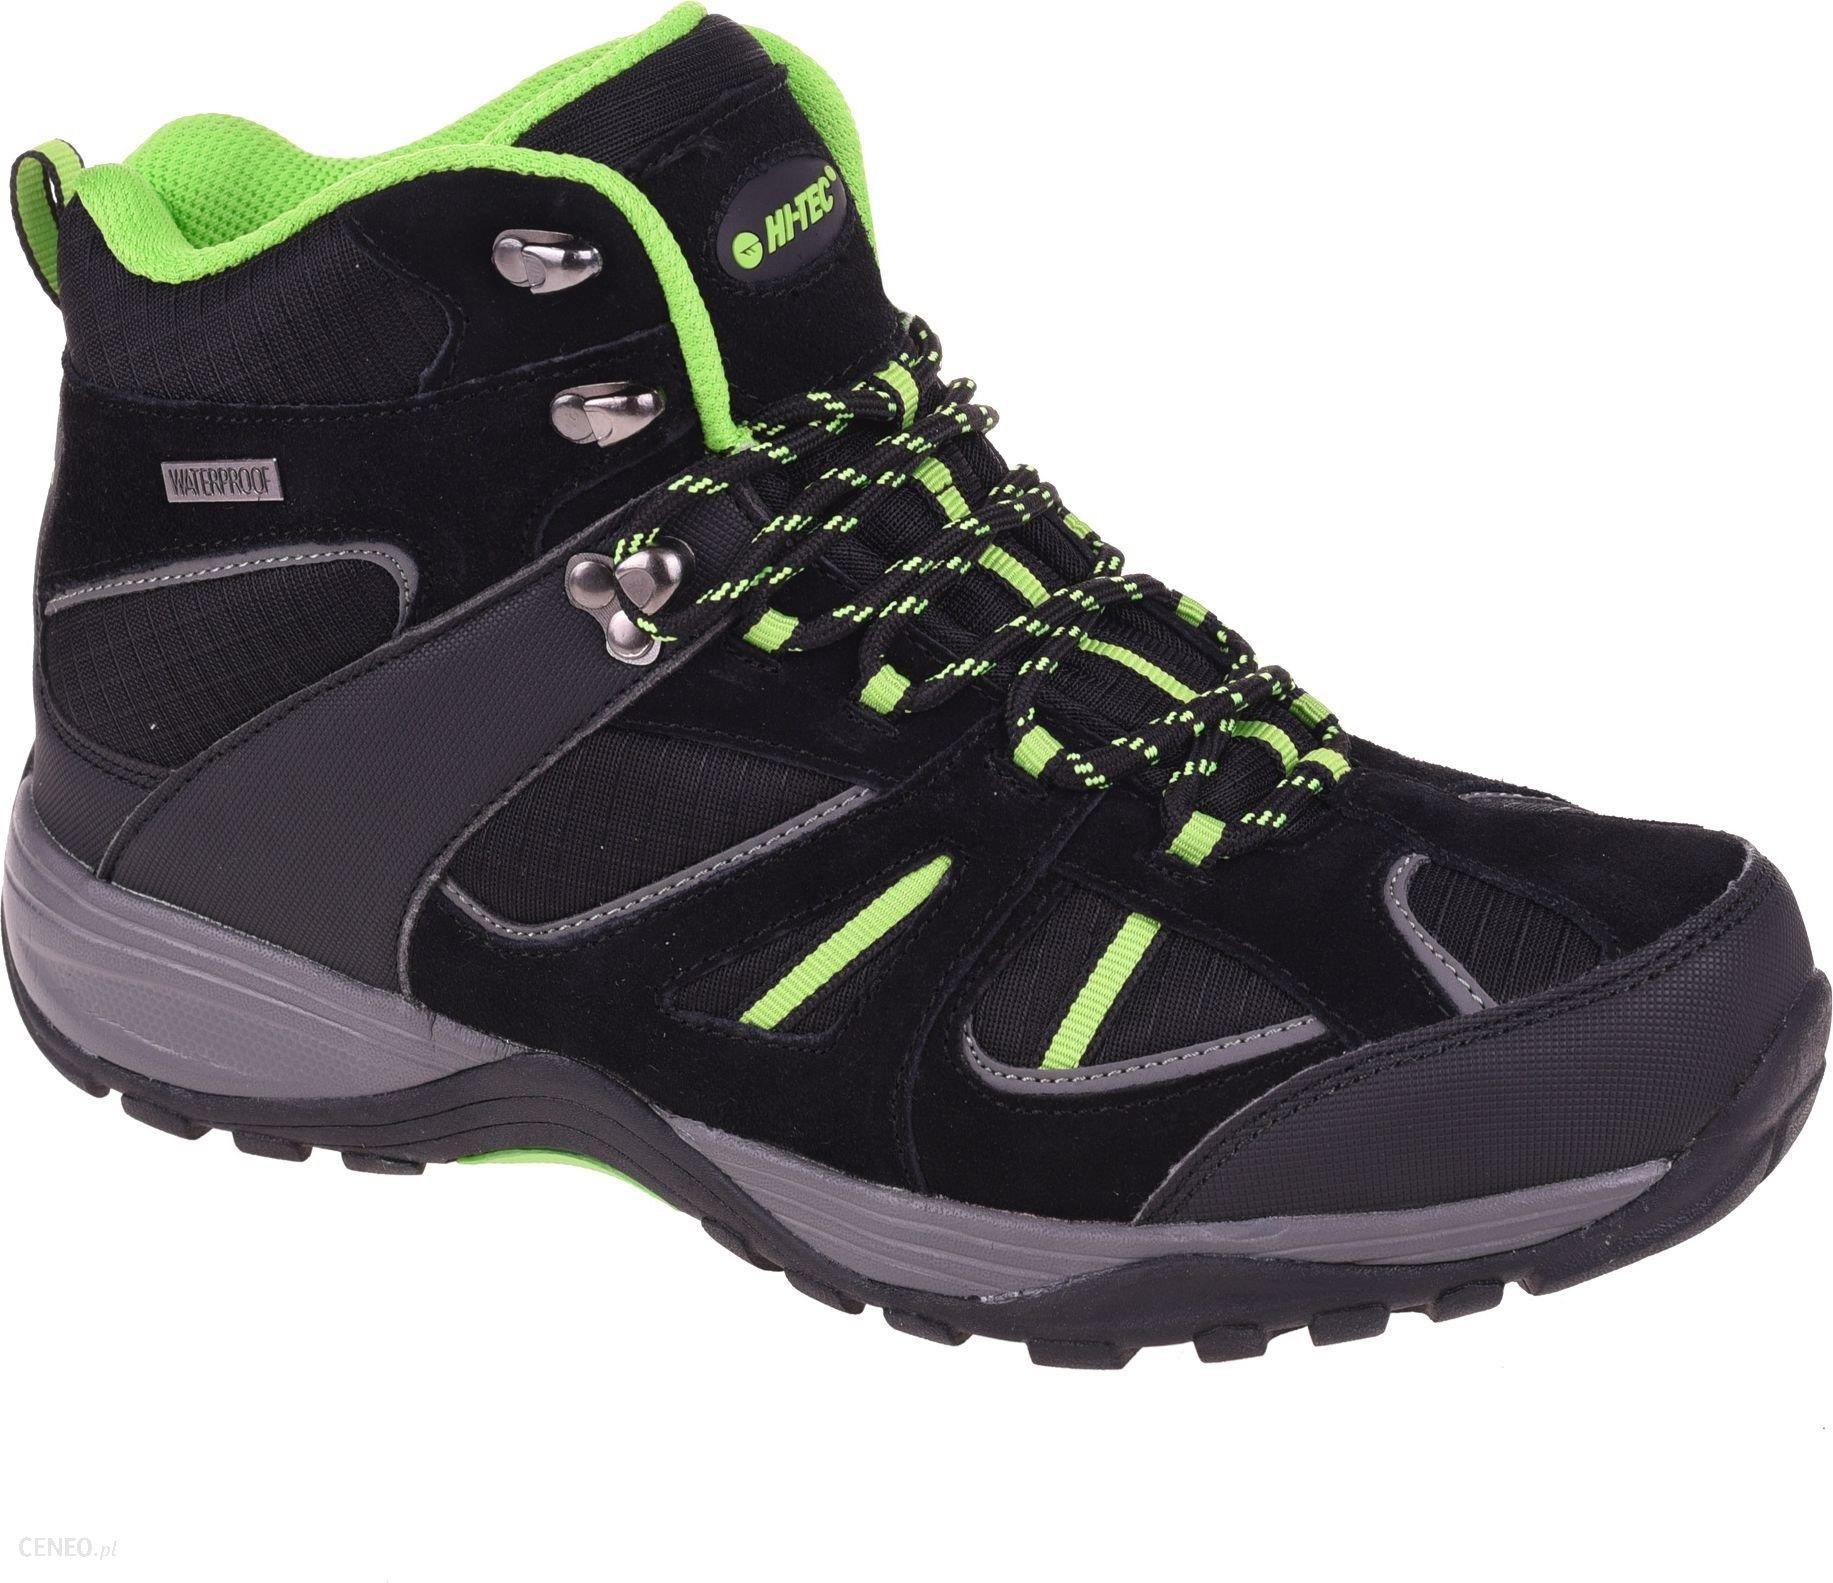 Buty trekkingowe Hi tec Męskie buty SARAPO MID WP, kolor czarno zielony, 42 Ceny i opinie Ceneo.pl